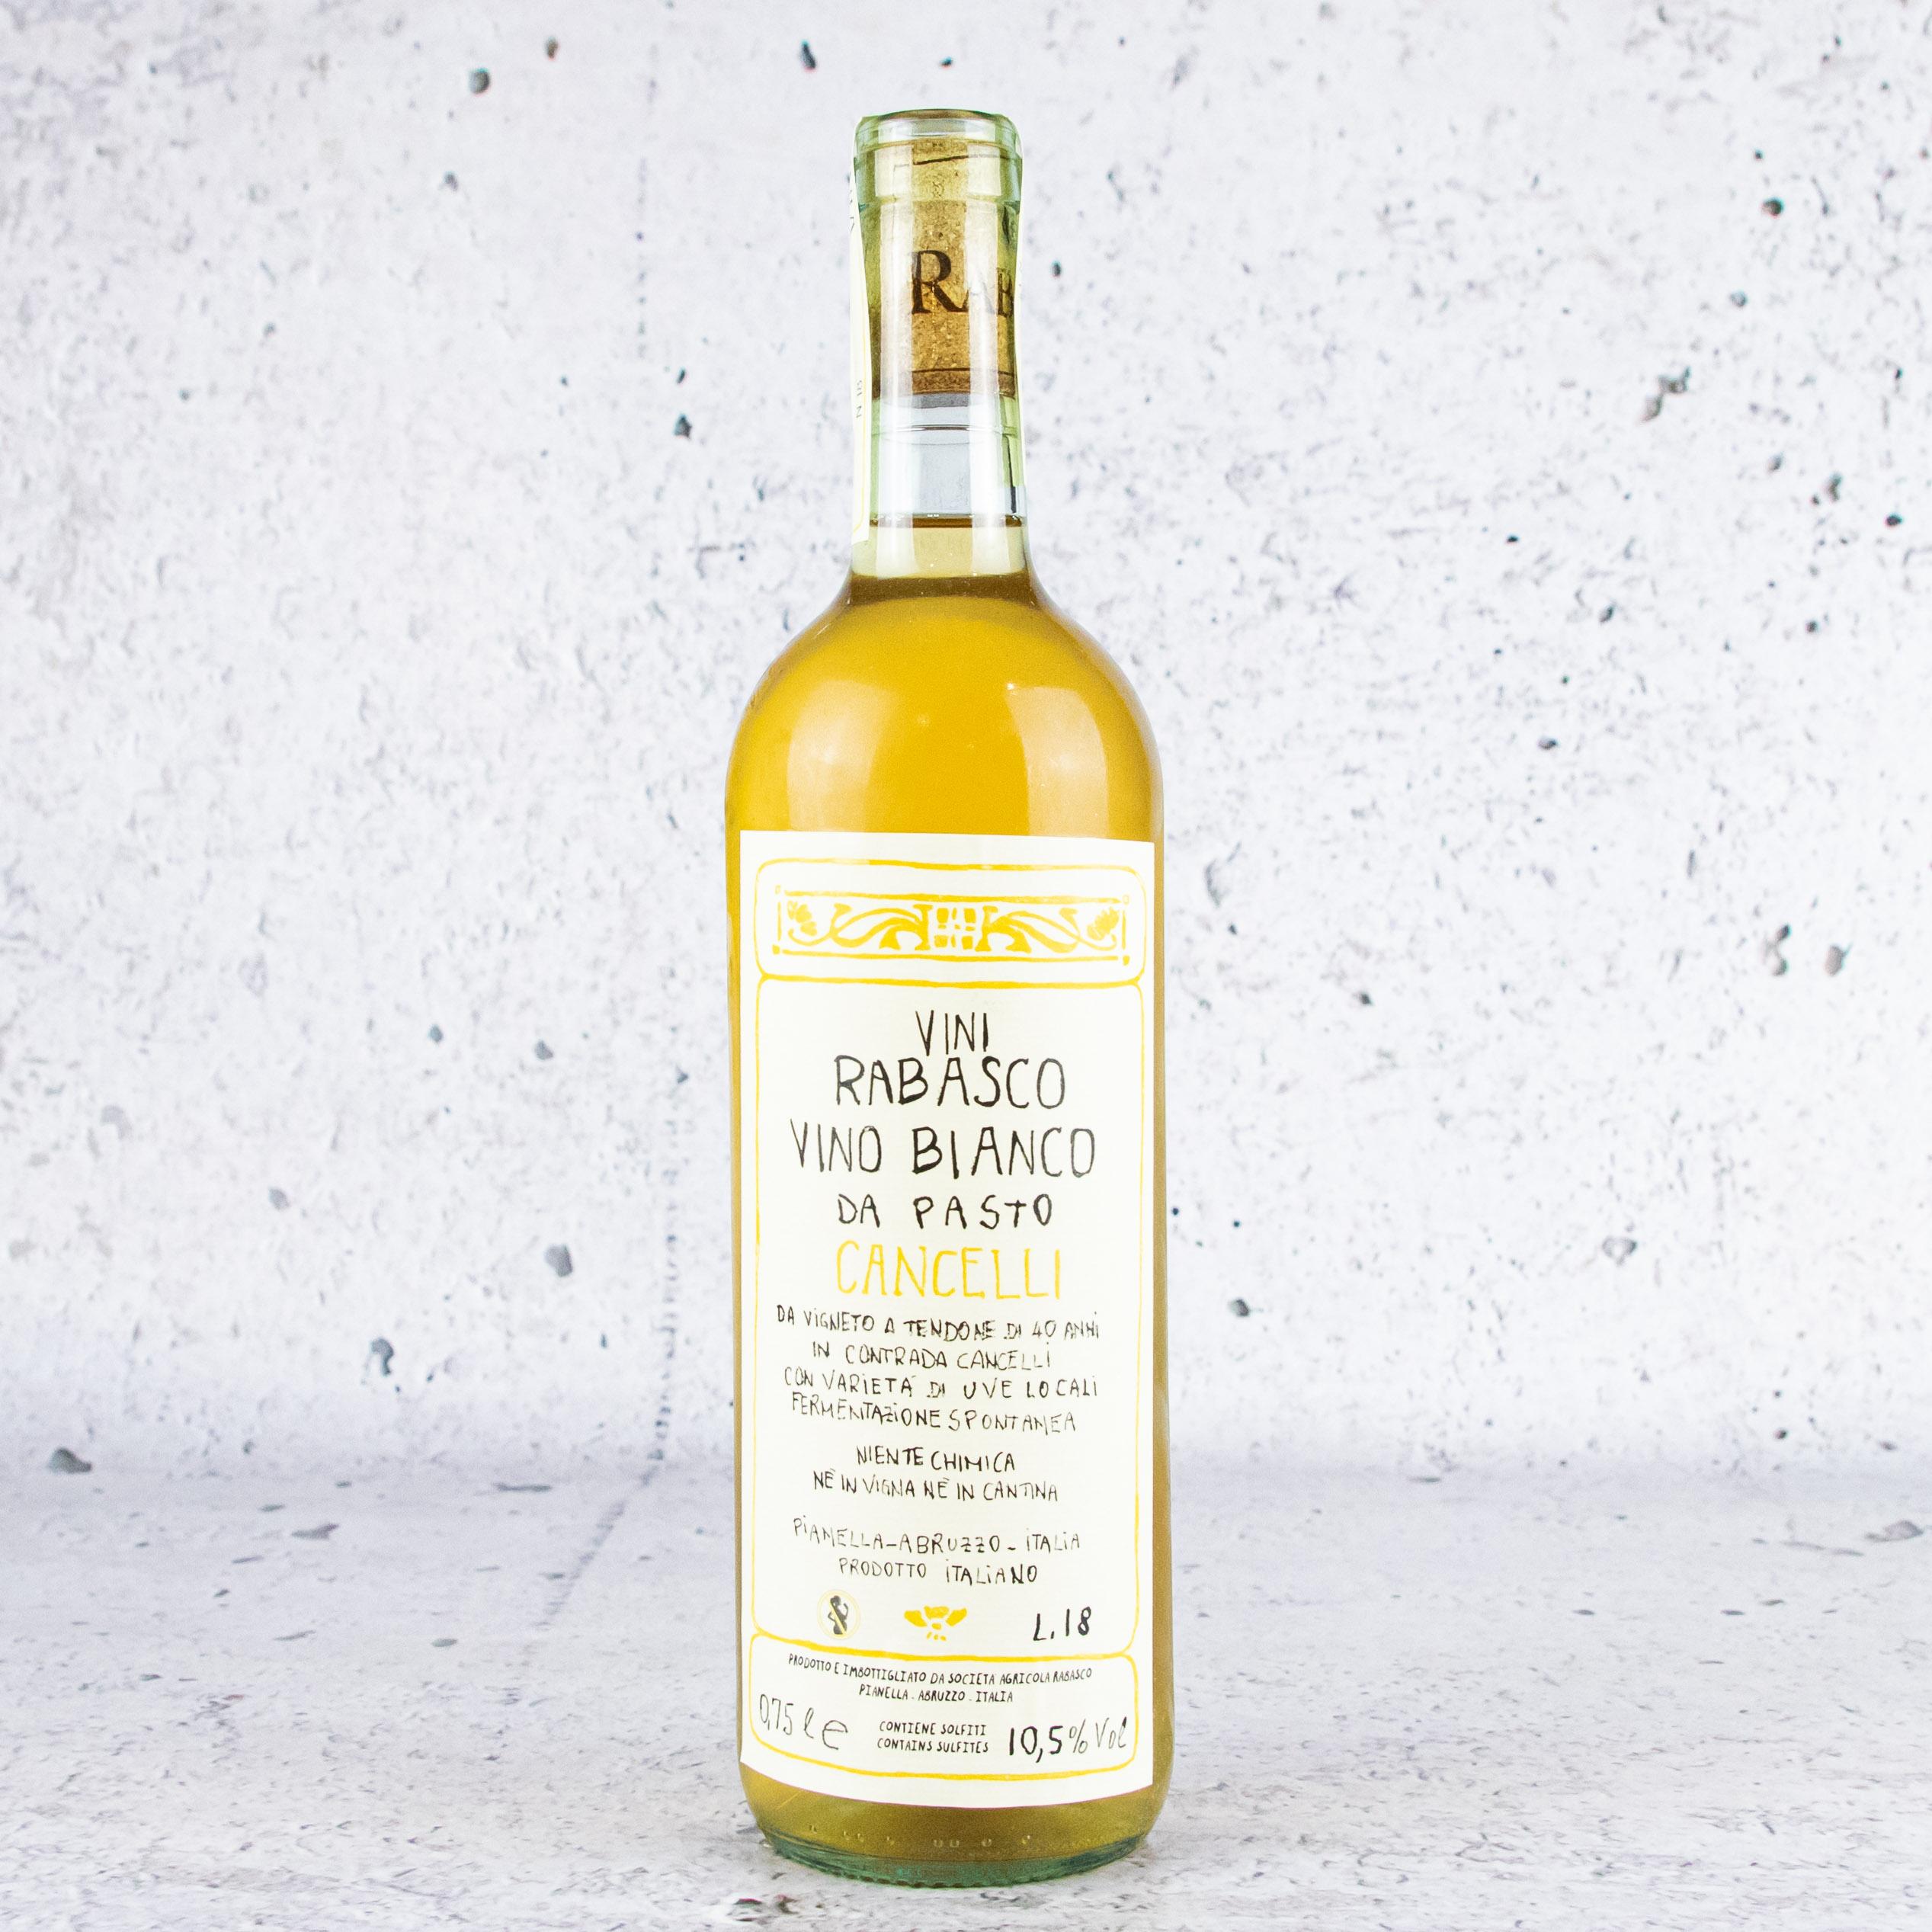 2018 Vini Rabasco Vino Bianco Da Pasto Cancelli